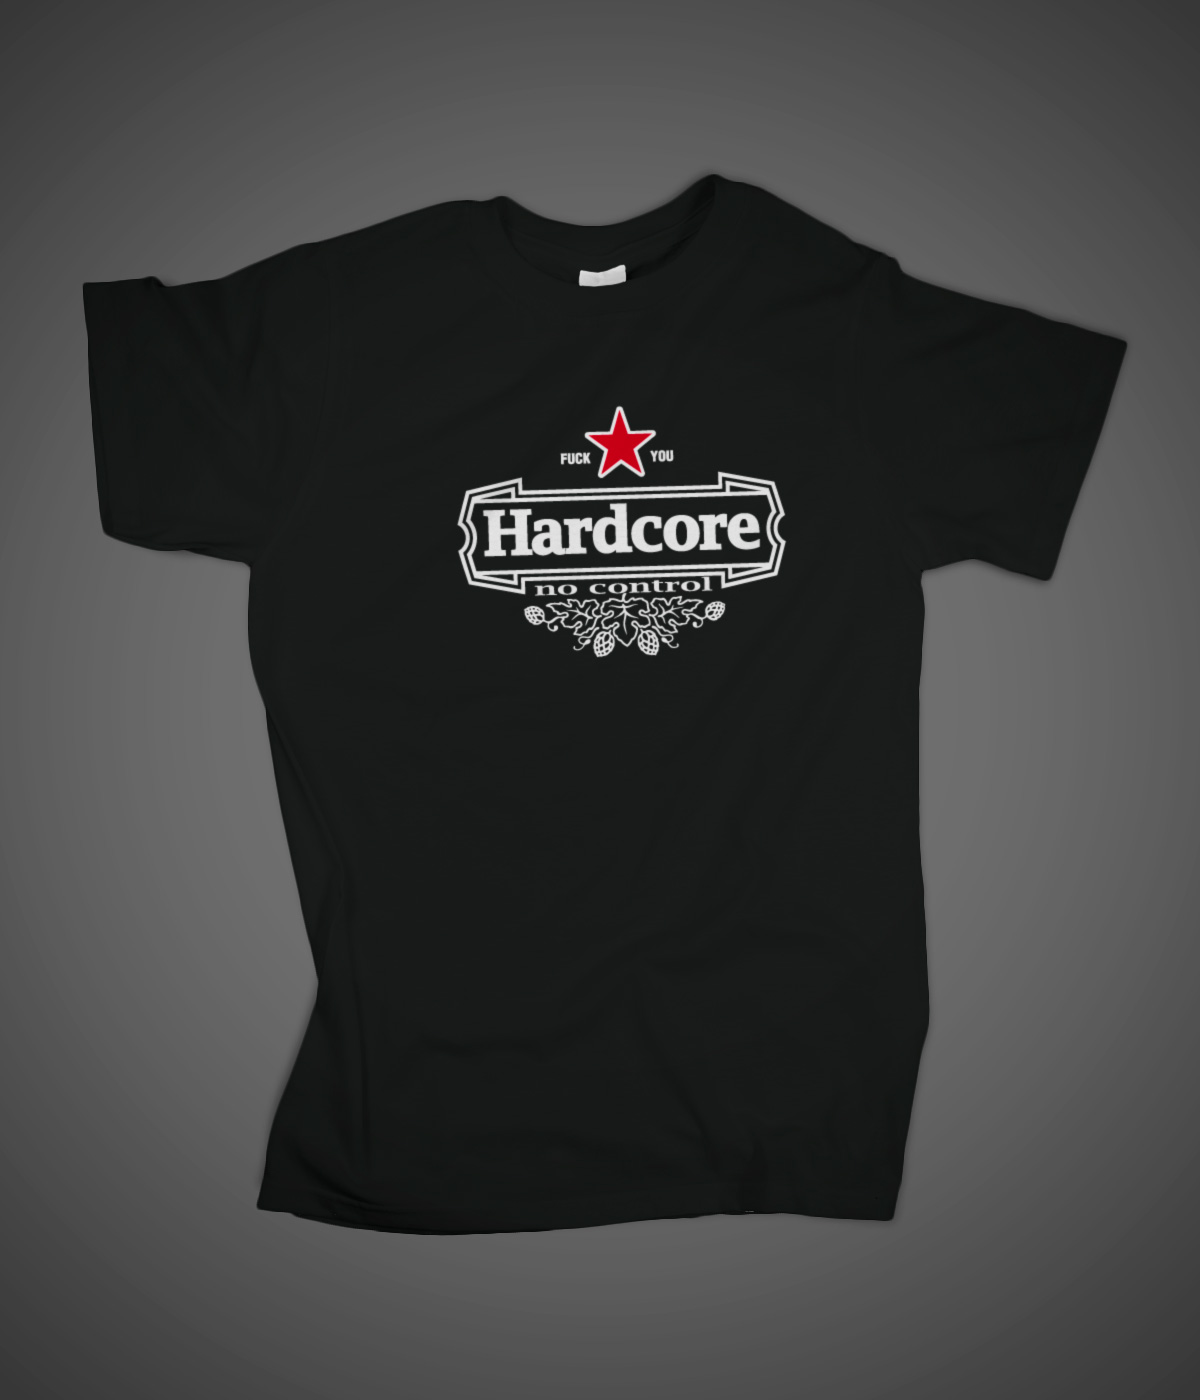 8bf30c44dd0955 T-shirt NOCONTROL to koszulka Premium o gramaturze wynoszącej przynajmniej  190gm/m². Jeżeli interesuje Cię koszulka pochodzącą od konkretnego  producenta ...